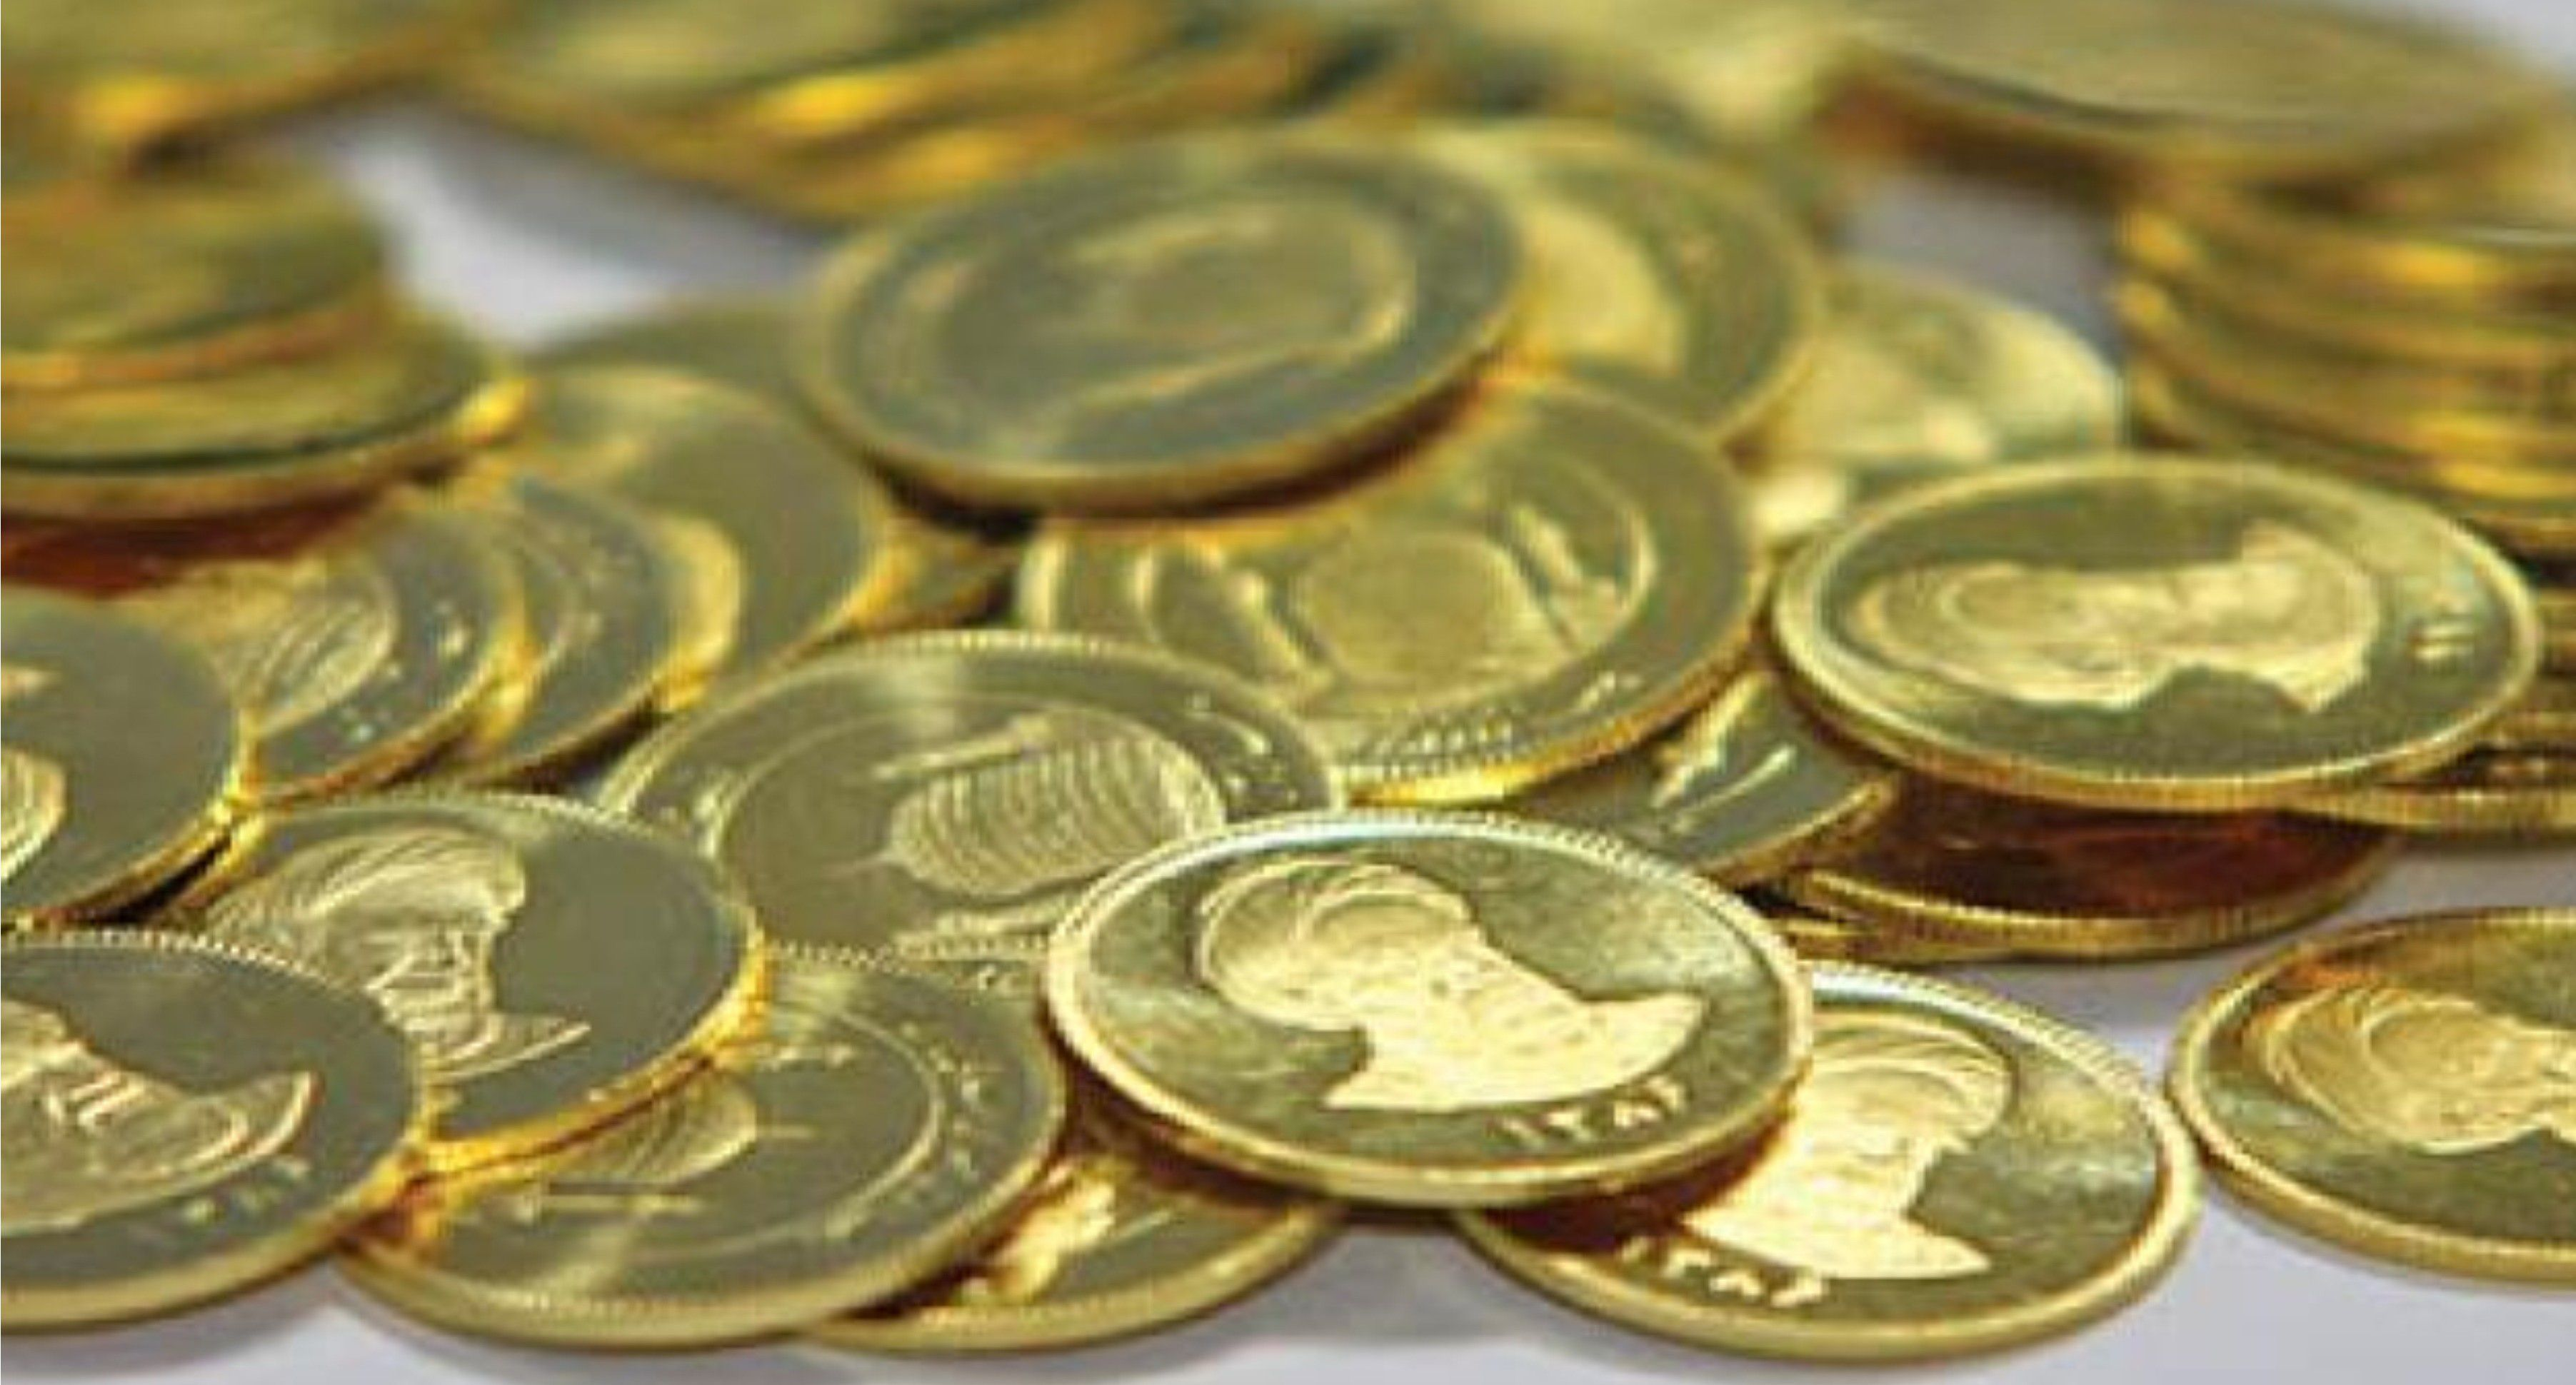 سقوط تا 12 درصدی قیمت انواع سکه / قیمت سکه امروز 29 مهر 99 چقدر شد؟